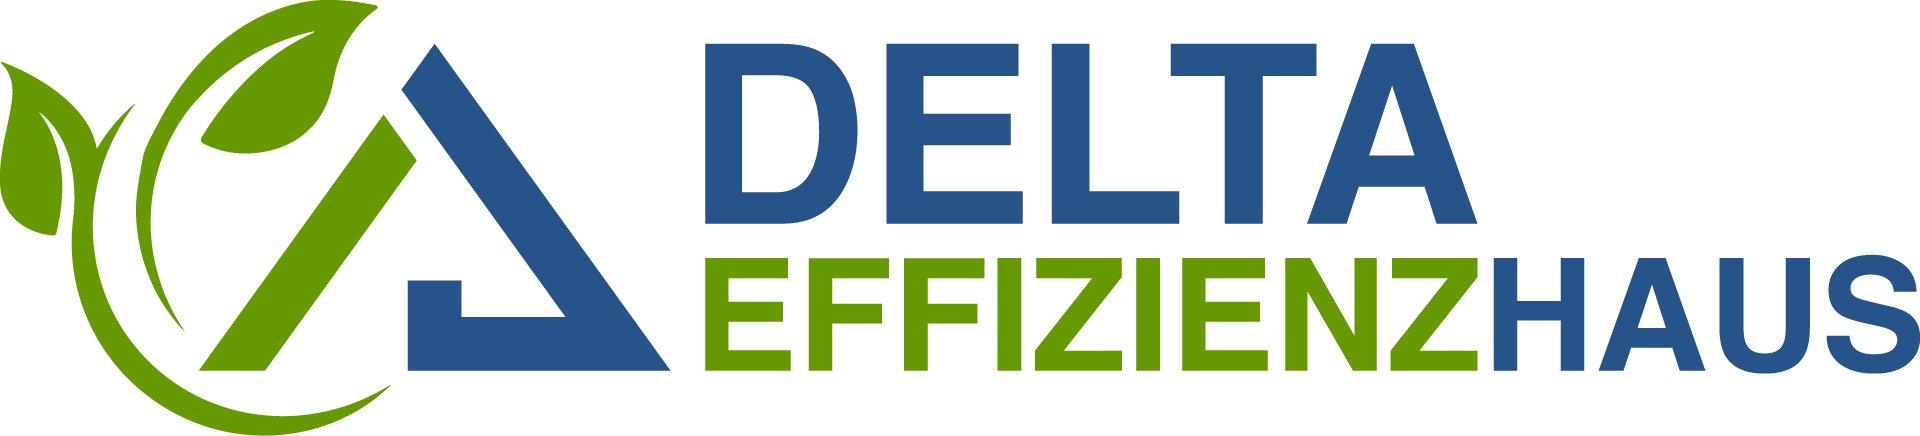 Delta Effizienzhaus